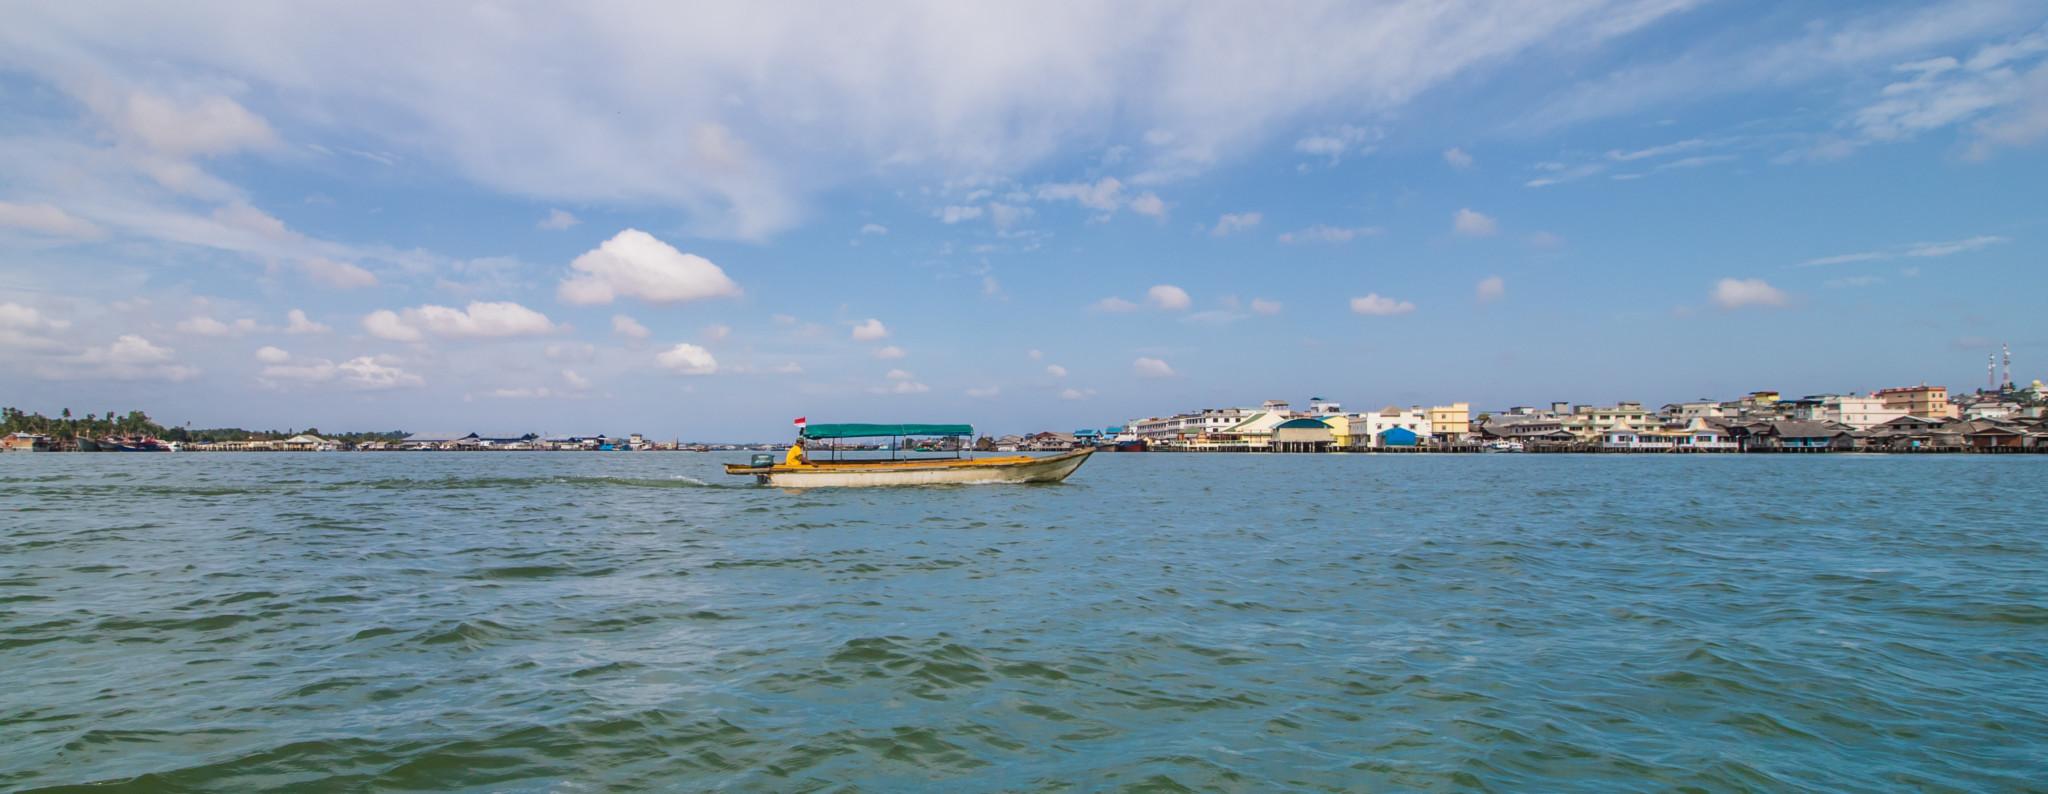 Bintan Island resort